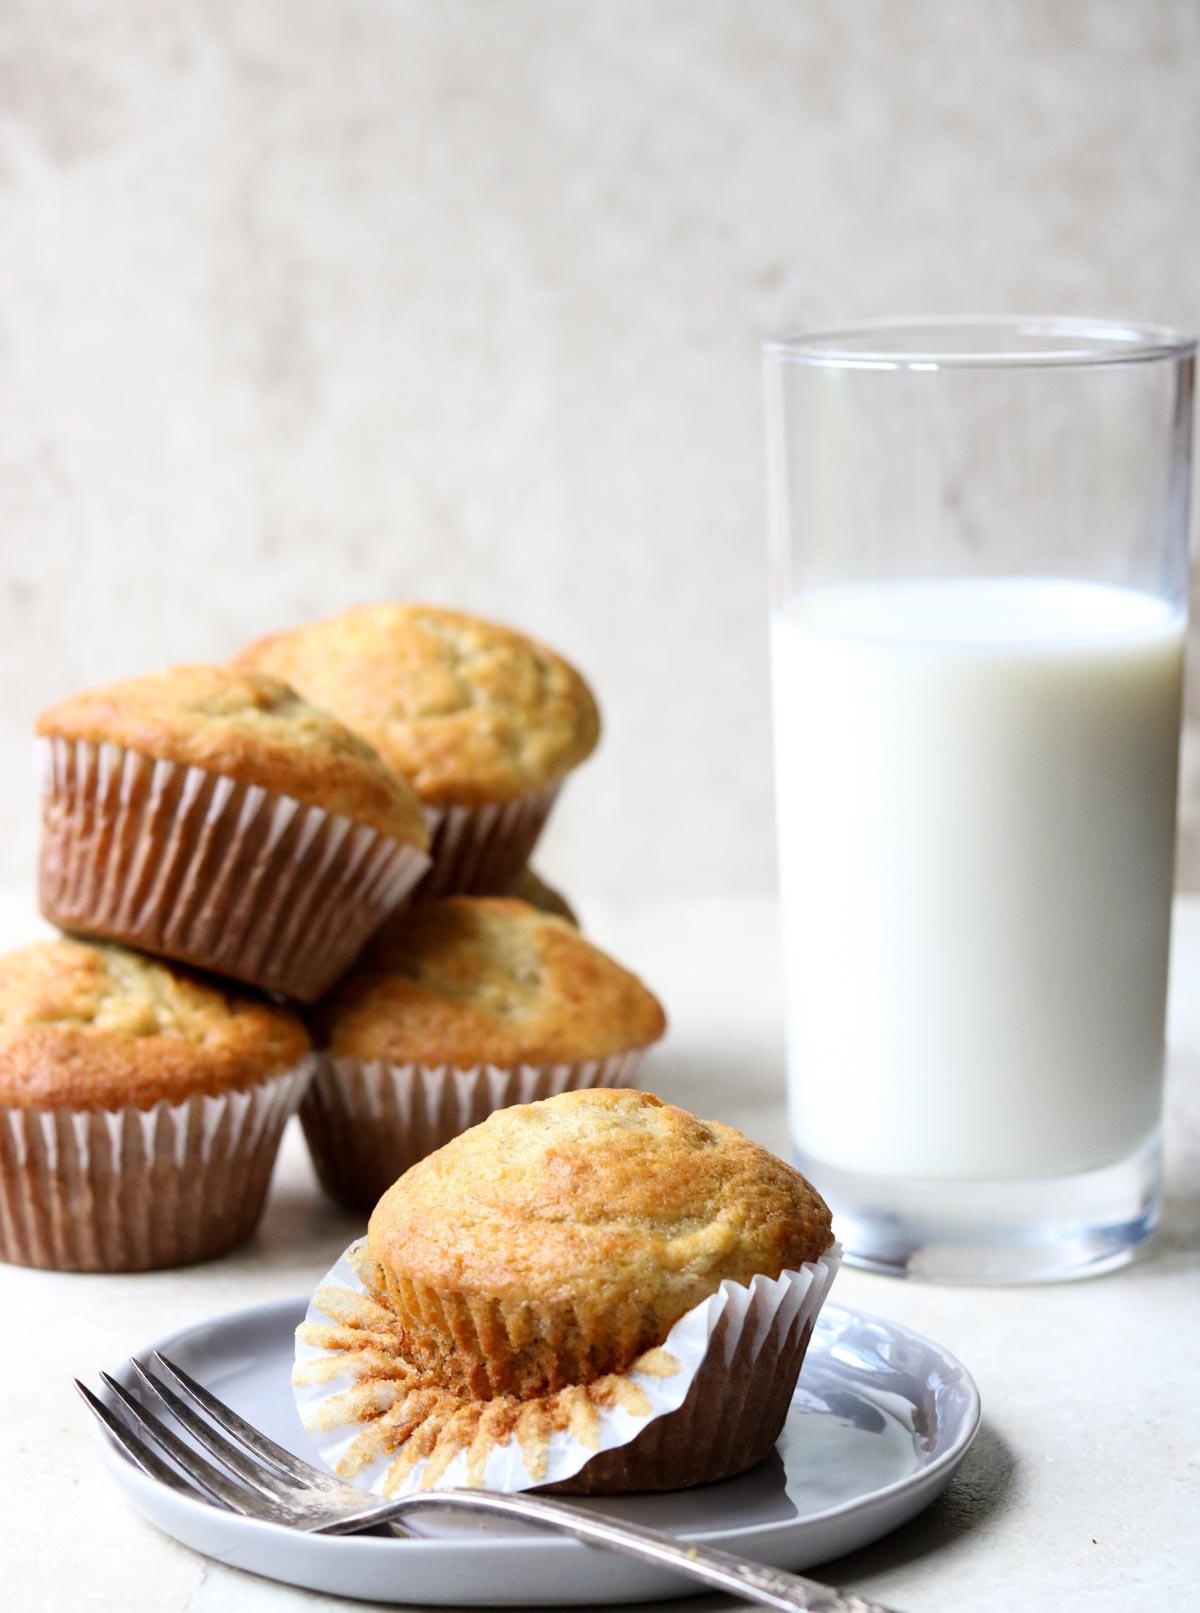 Banana Muffin photo